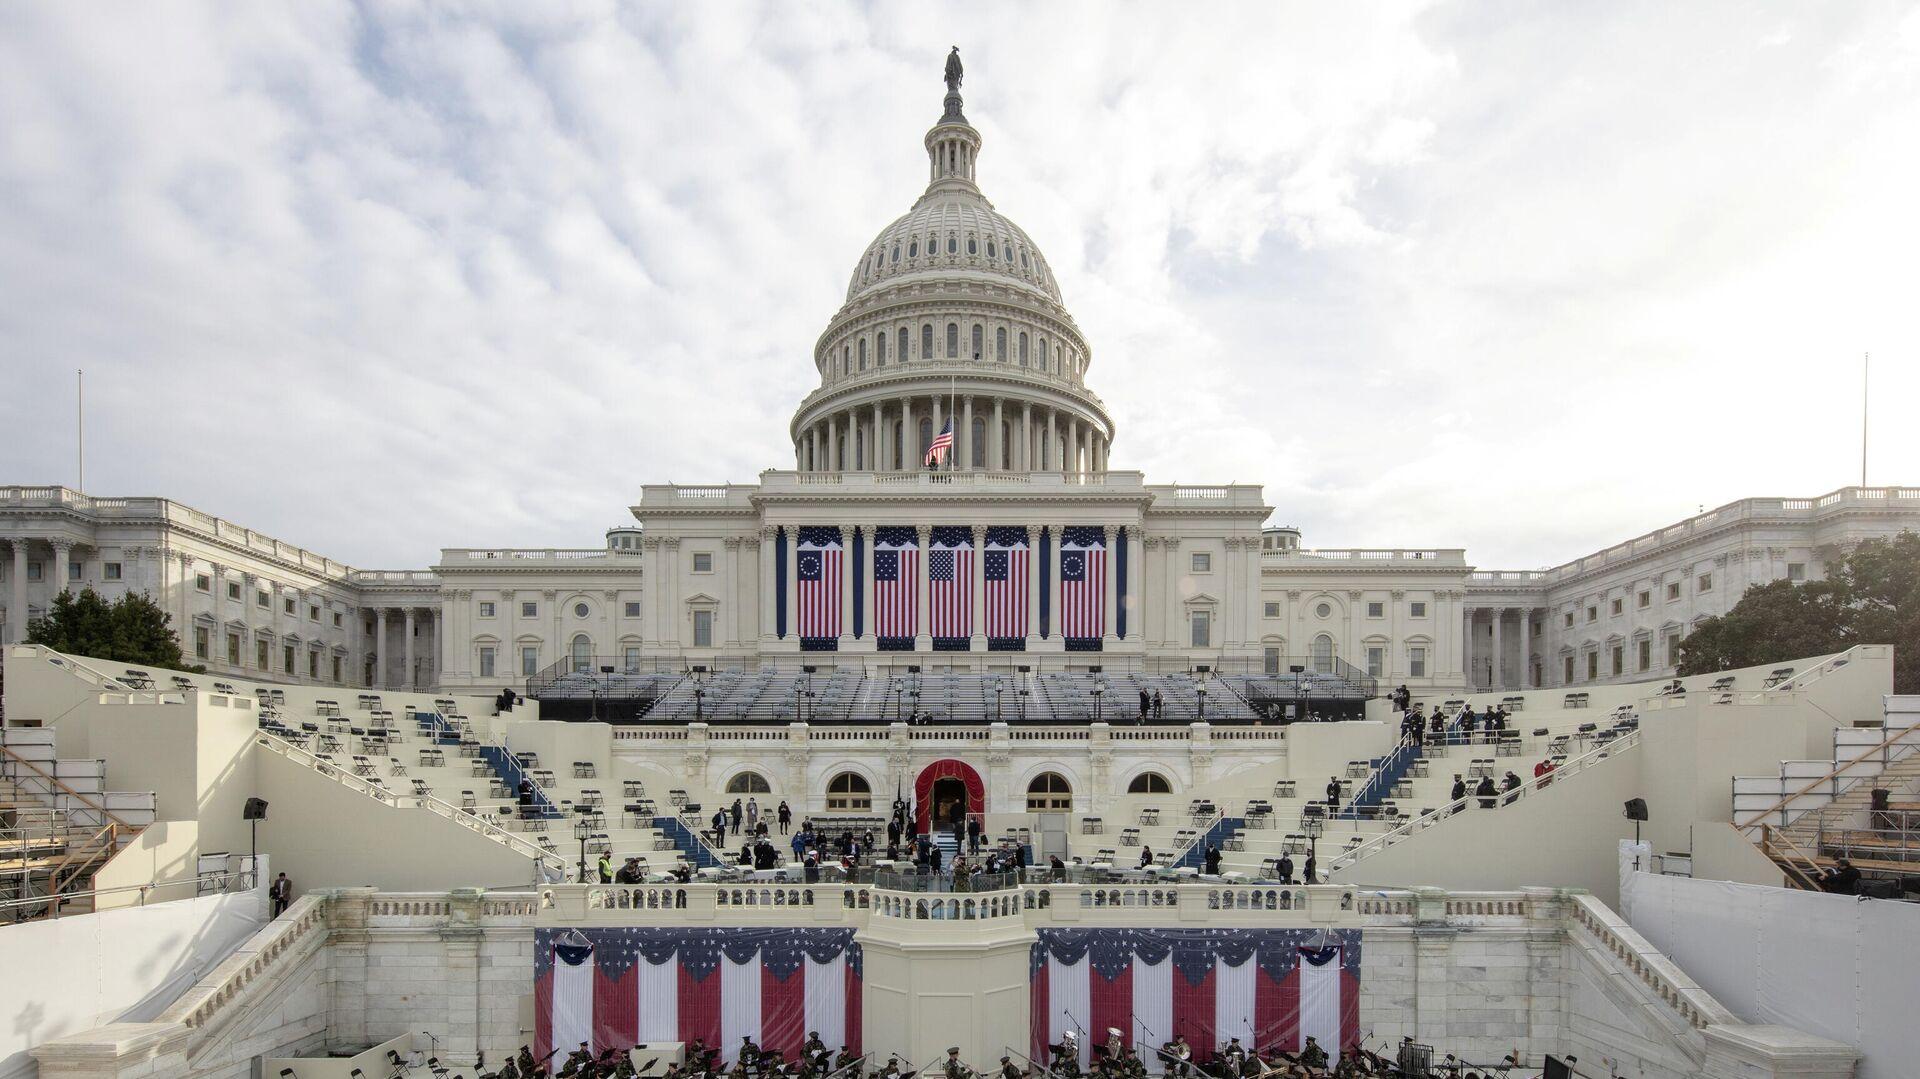 Подготовка к генеральной репетиции инаугурации избранного президента США Джо Байдена в Вашингтоне, округ Колумбия - РИА Новости, 1920, 20.01.2021